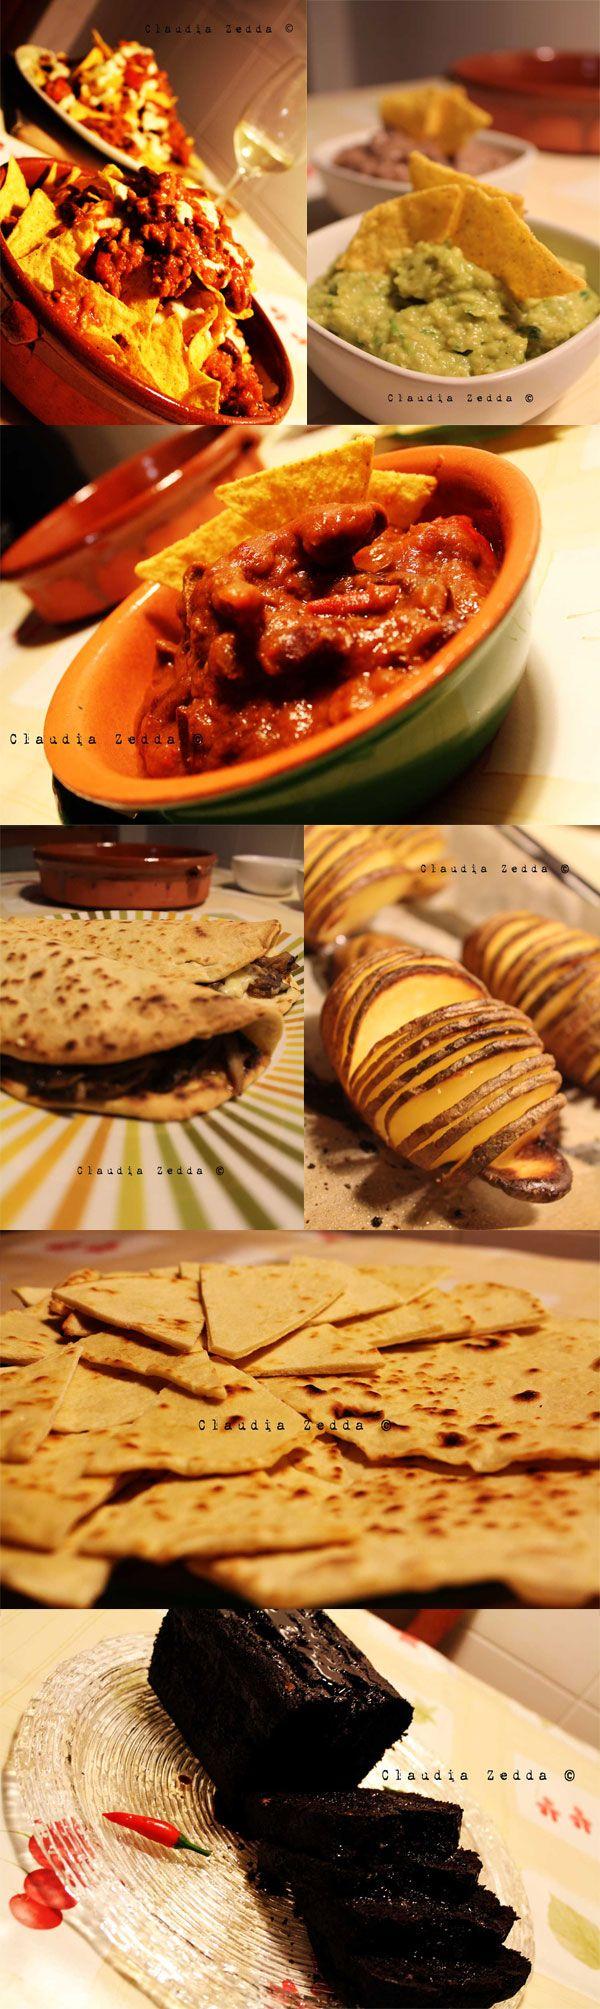 Il menù messicano